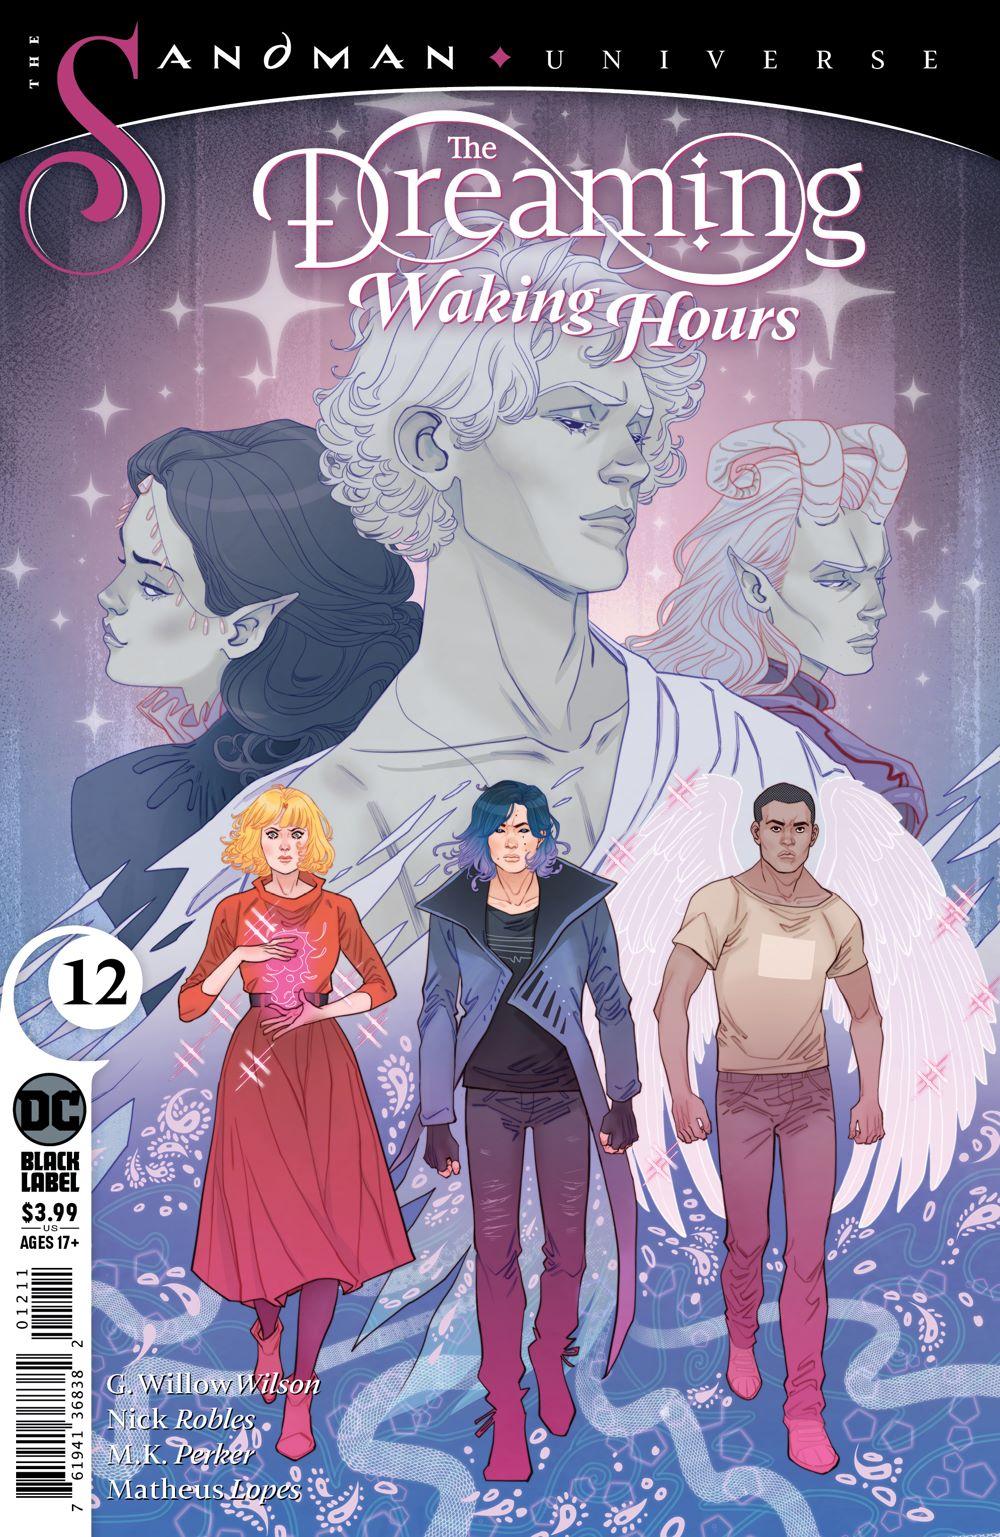 DREAMNG_WH_Cv12 DC Comics July 2021 Solicitations